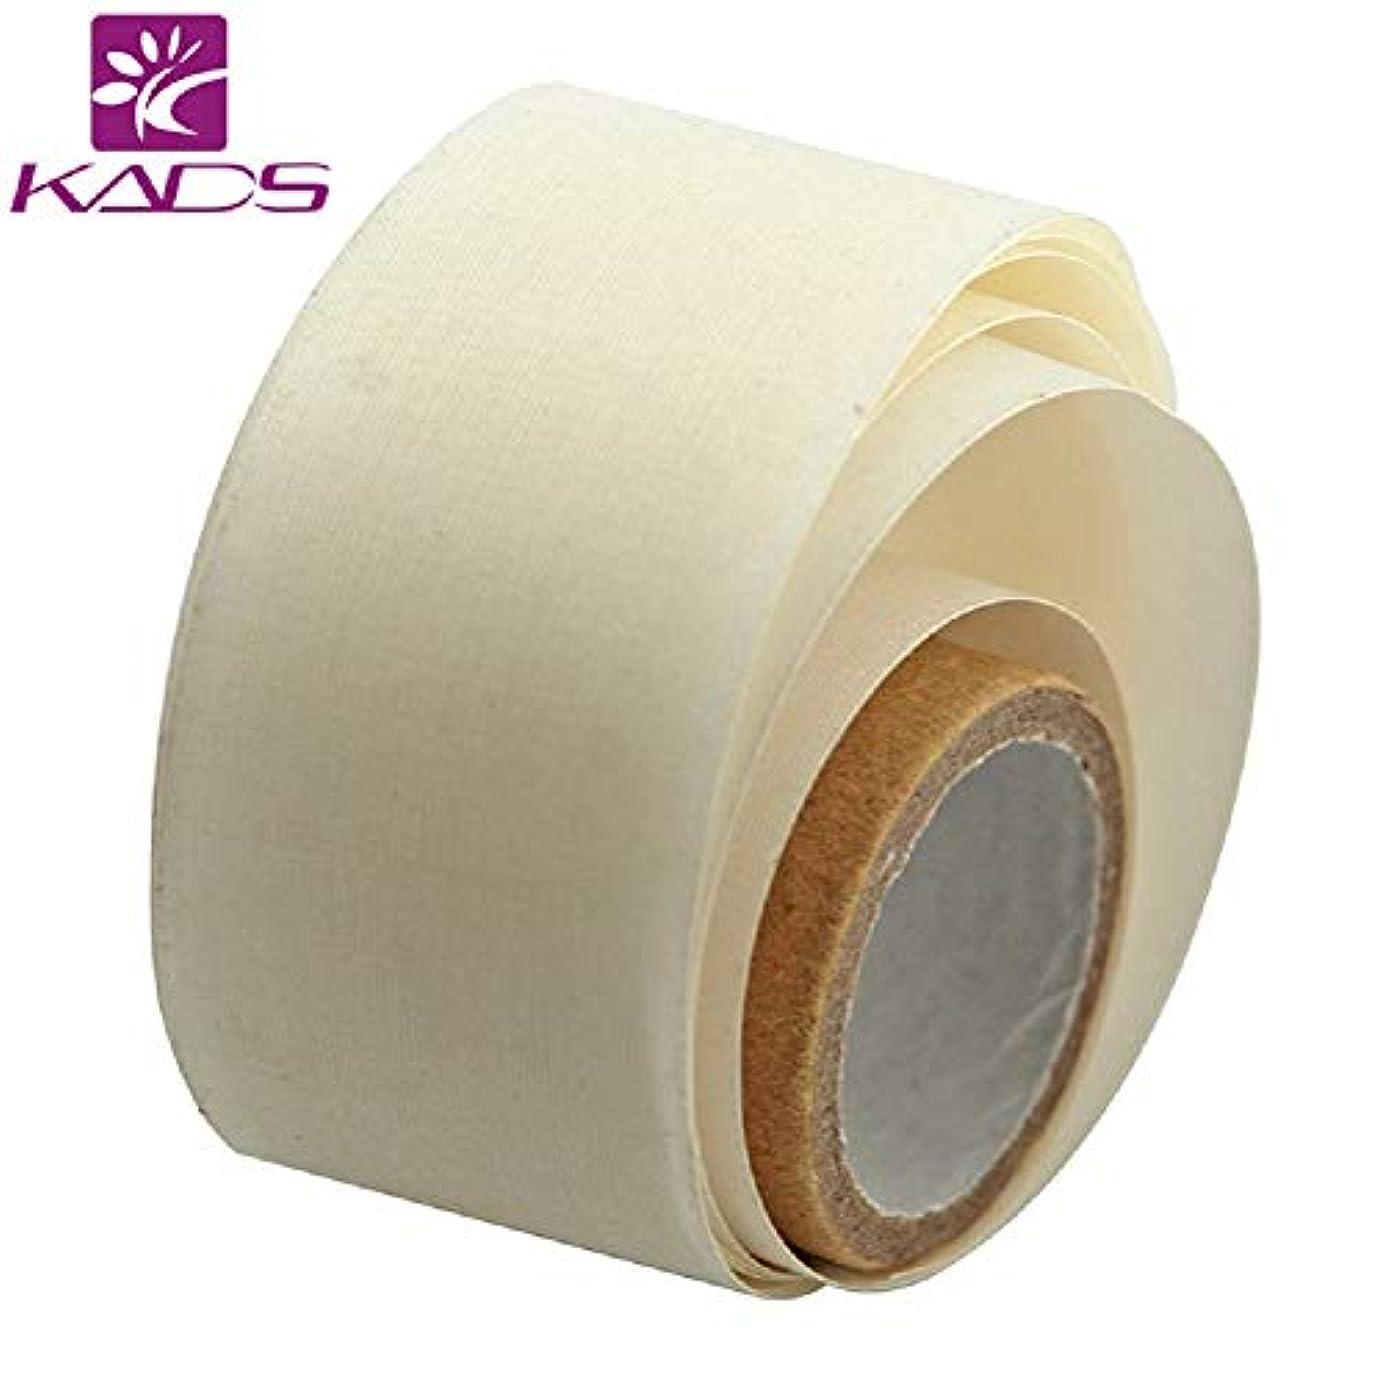 ケントマイナス辛なKADS ネイルシルクテープ ネイルリペアテープペラ用 爪の補修 ジェルアクリルネイルアートツール(サイズ3)